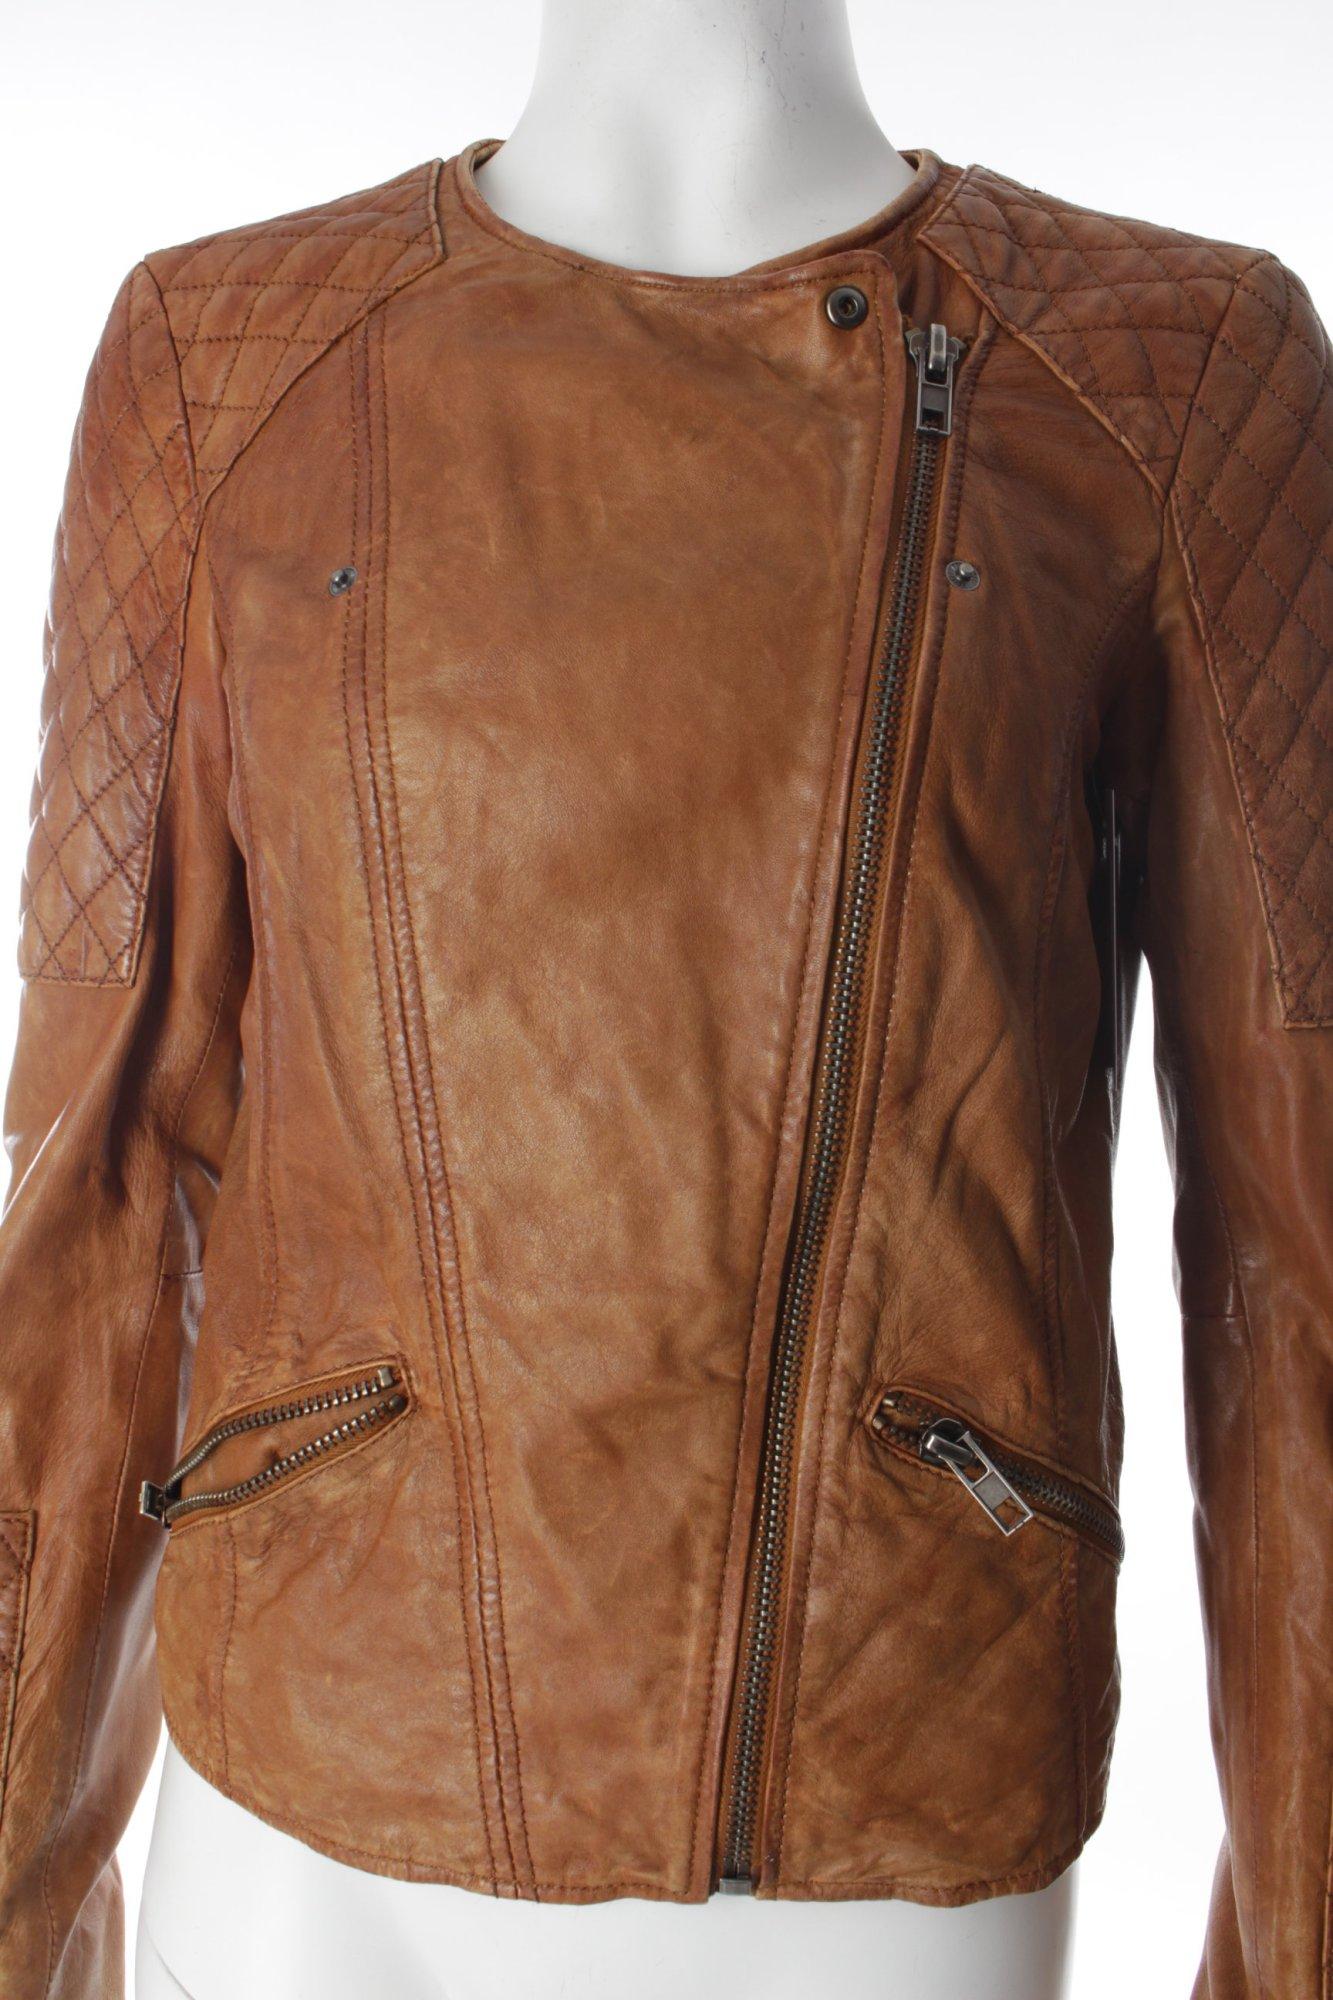 esprit lederjacke cognac biker look damen gr de 36 jacke jacket leder ebay. Black Bedroom Furniture Sets. Home Design Ideas